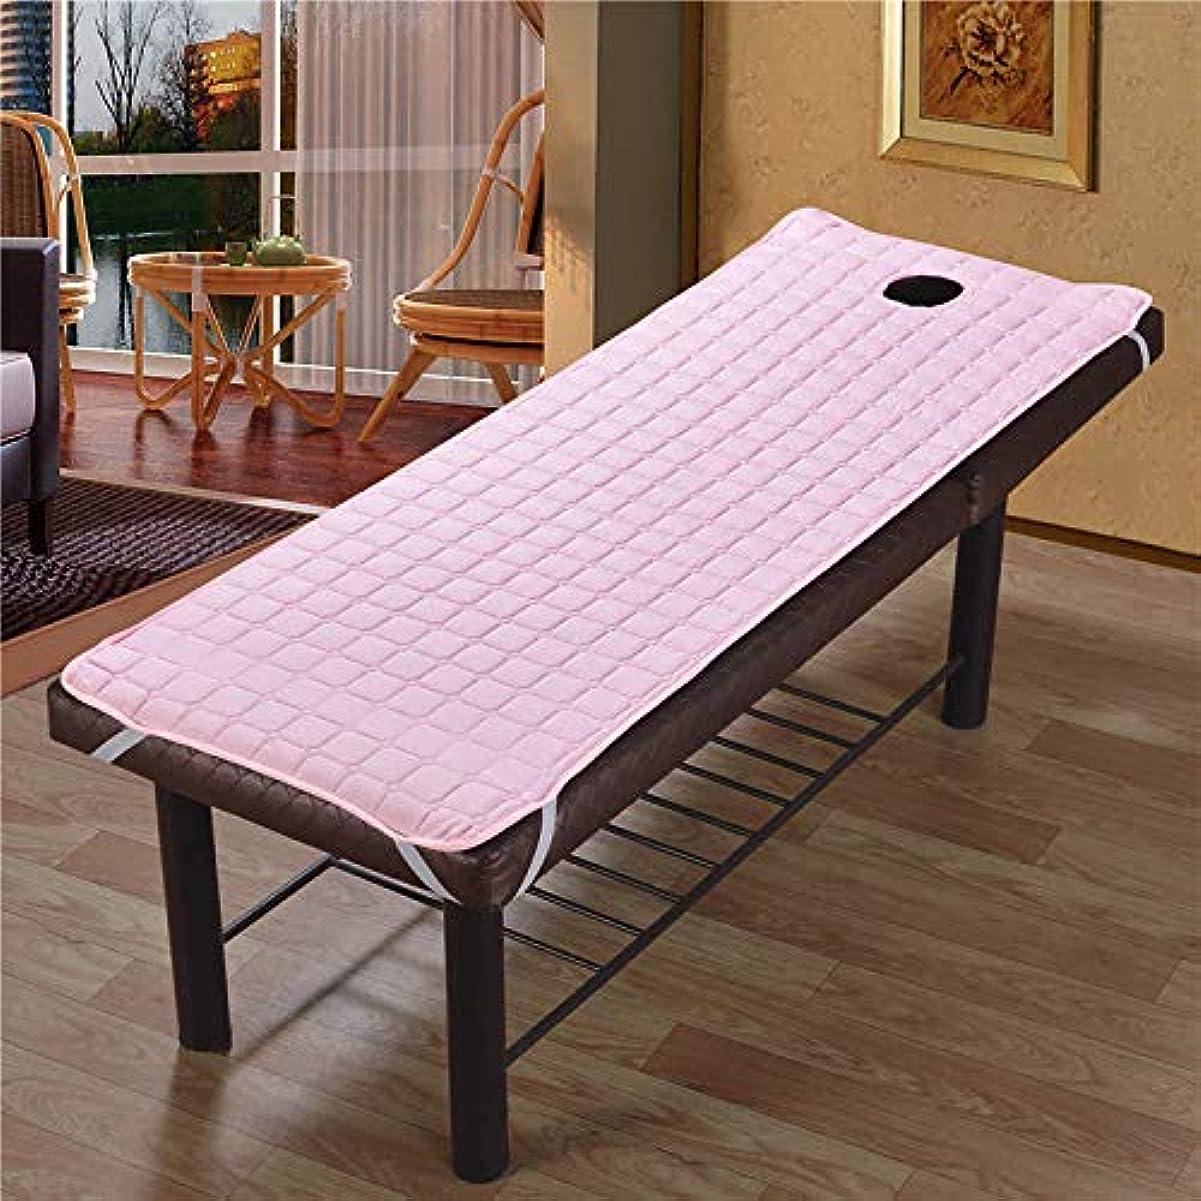 しなやかタクシーぼかすProfeel 美容院のマッサージ療法のベッドのための滑り止めのSoliod色の長方形のマットレス